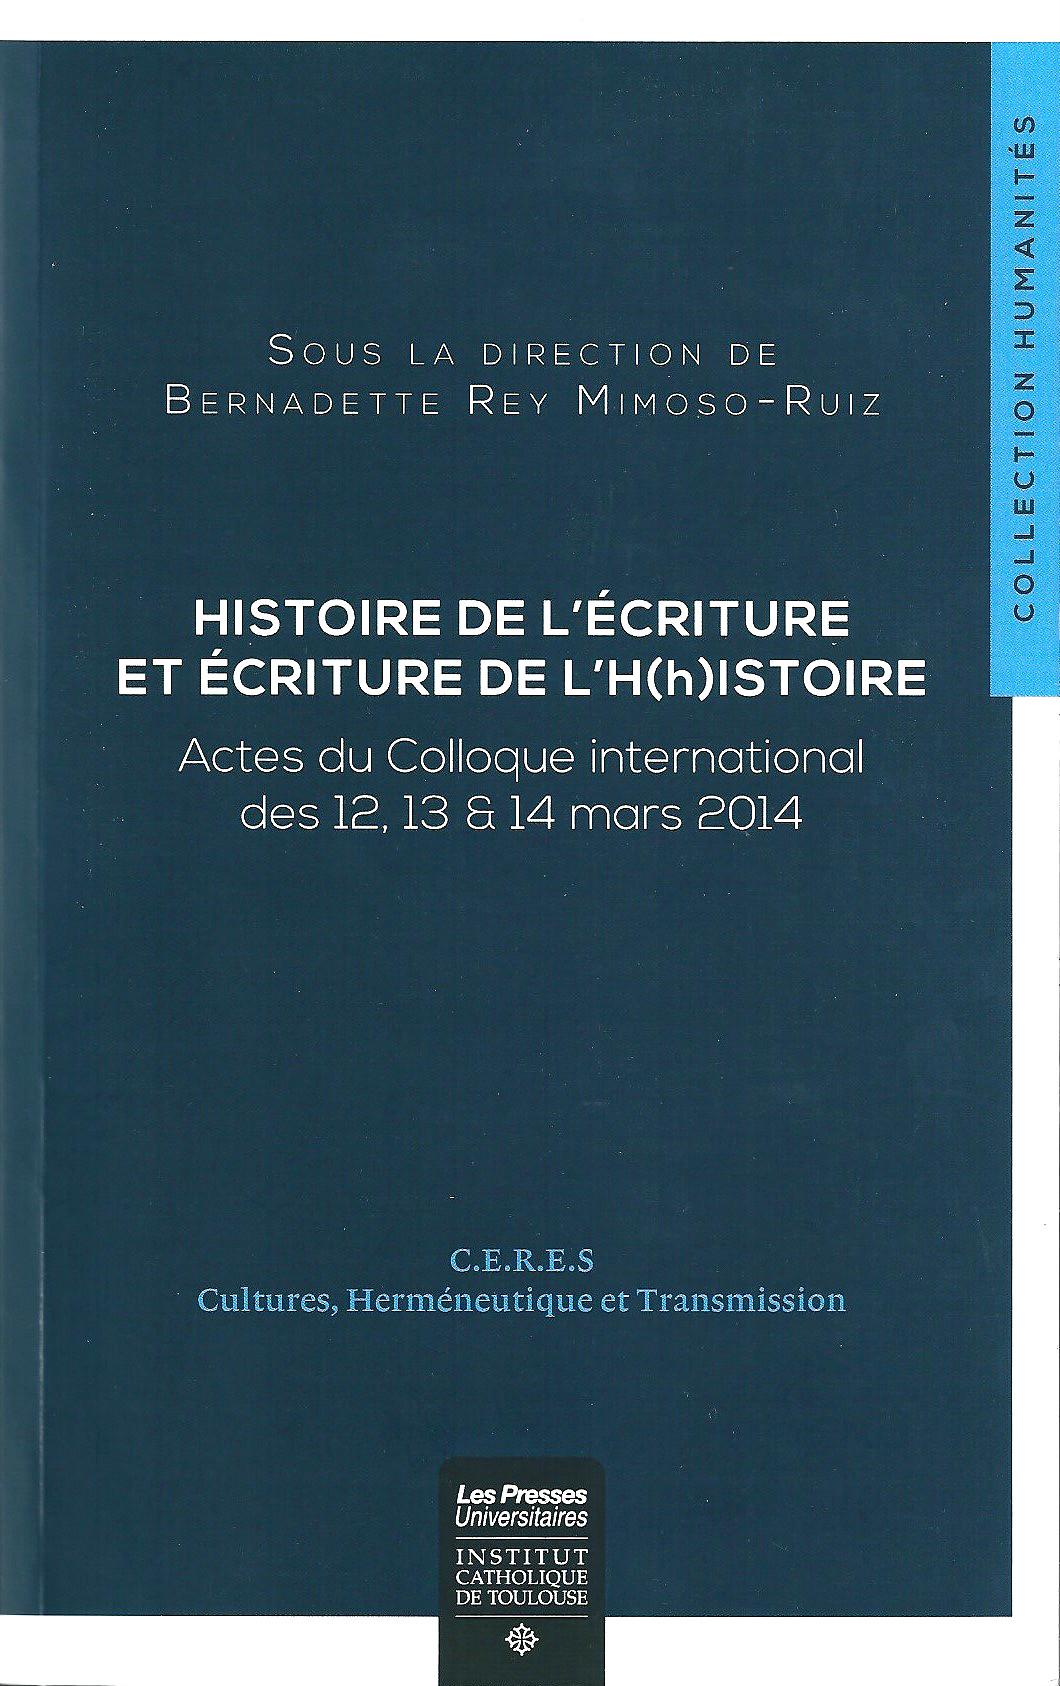 Bernadette Rey Mimoso-Ruiz (dir.), Histoire de l'écriture et écriture de l'H(h)istoire.